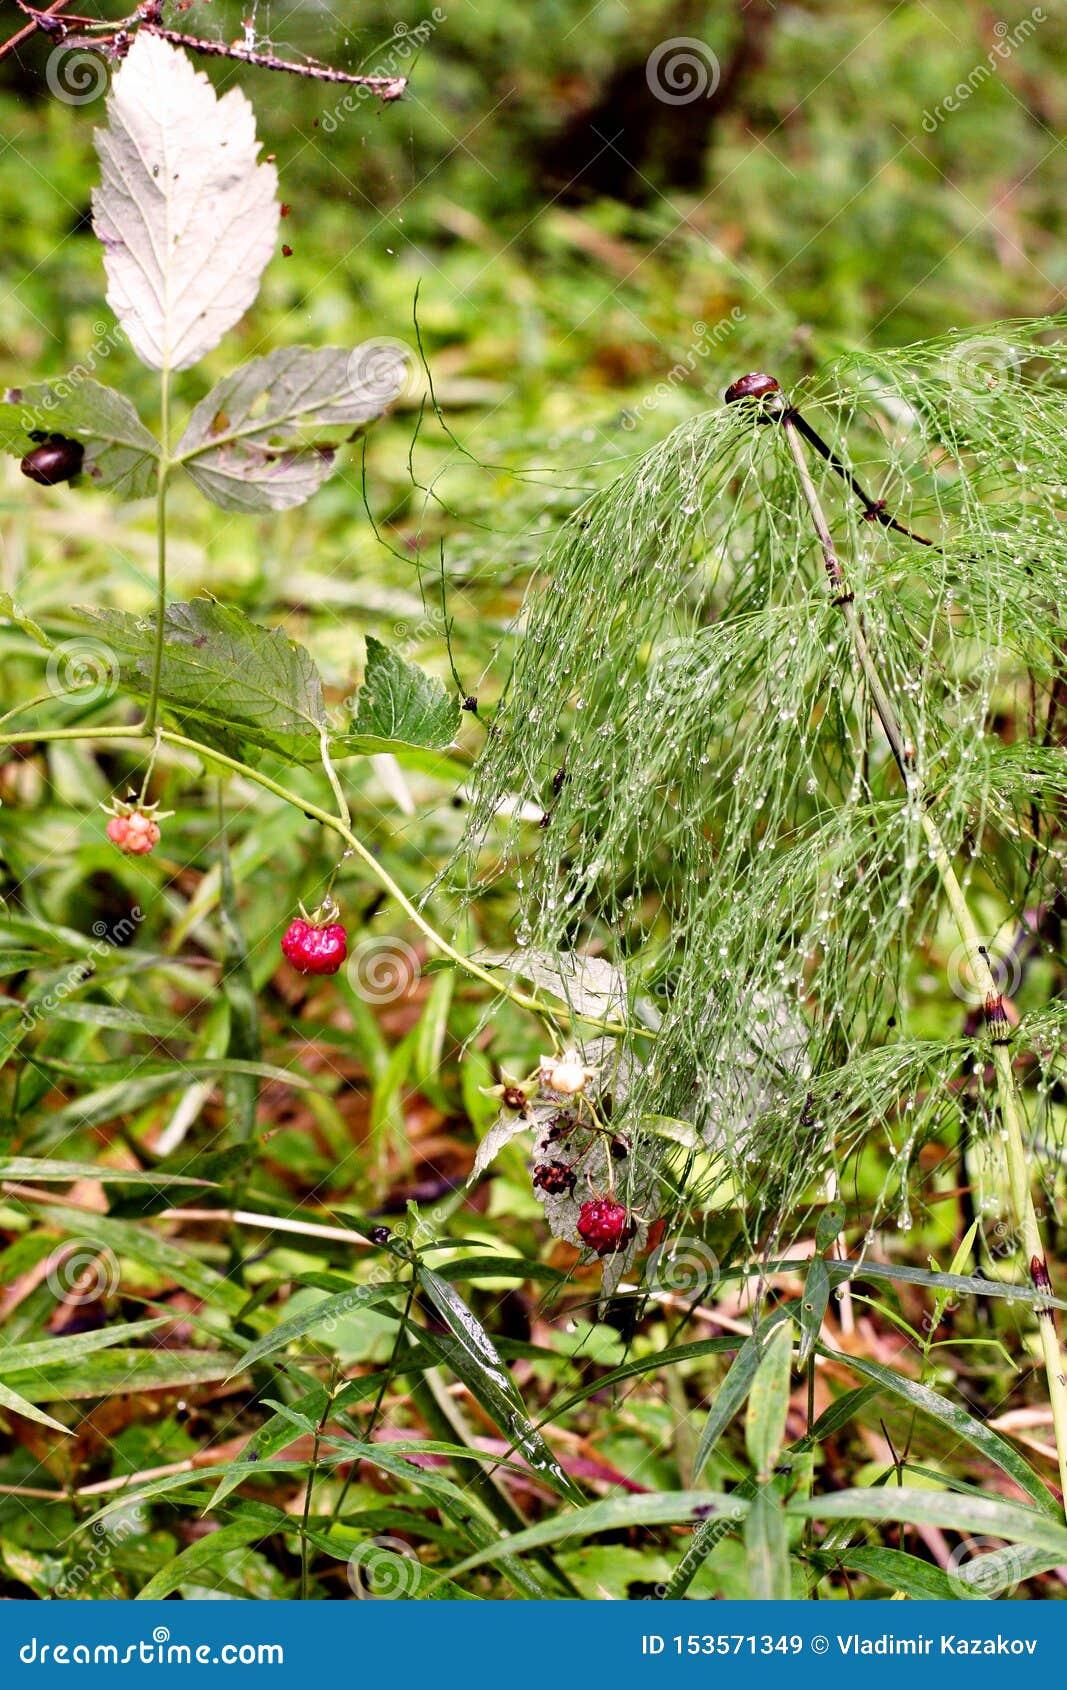 Grön luftbuske med dagg i form av paraplyer Nära röda hallon och det finns par av sniglar